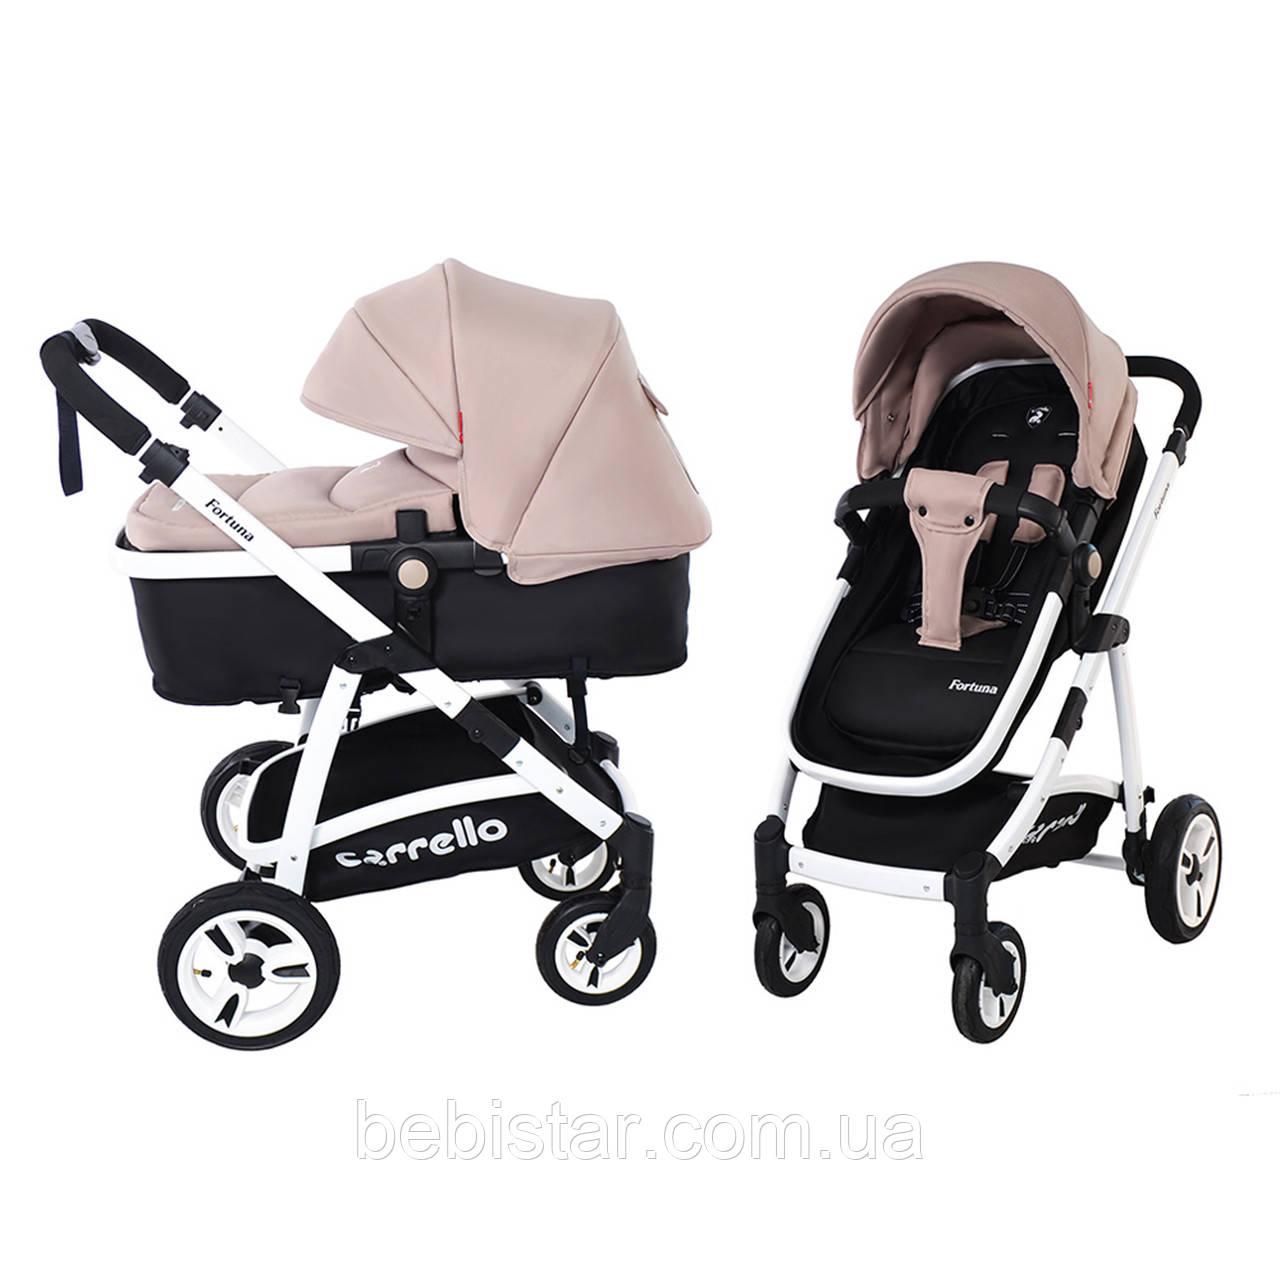 Универсальная коляска-трансформер бежевая Carrello Fortuna 9001 Oxford Beige деткам от рождения